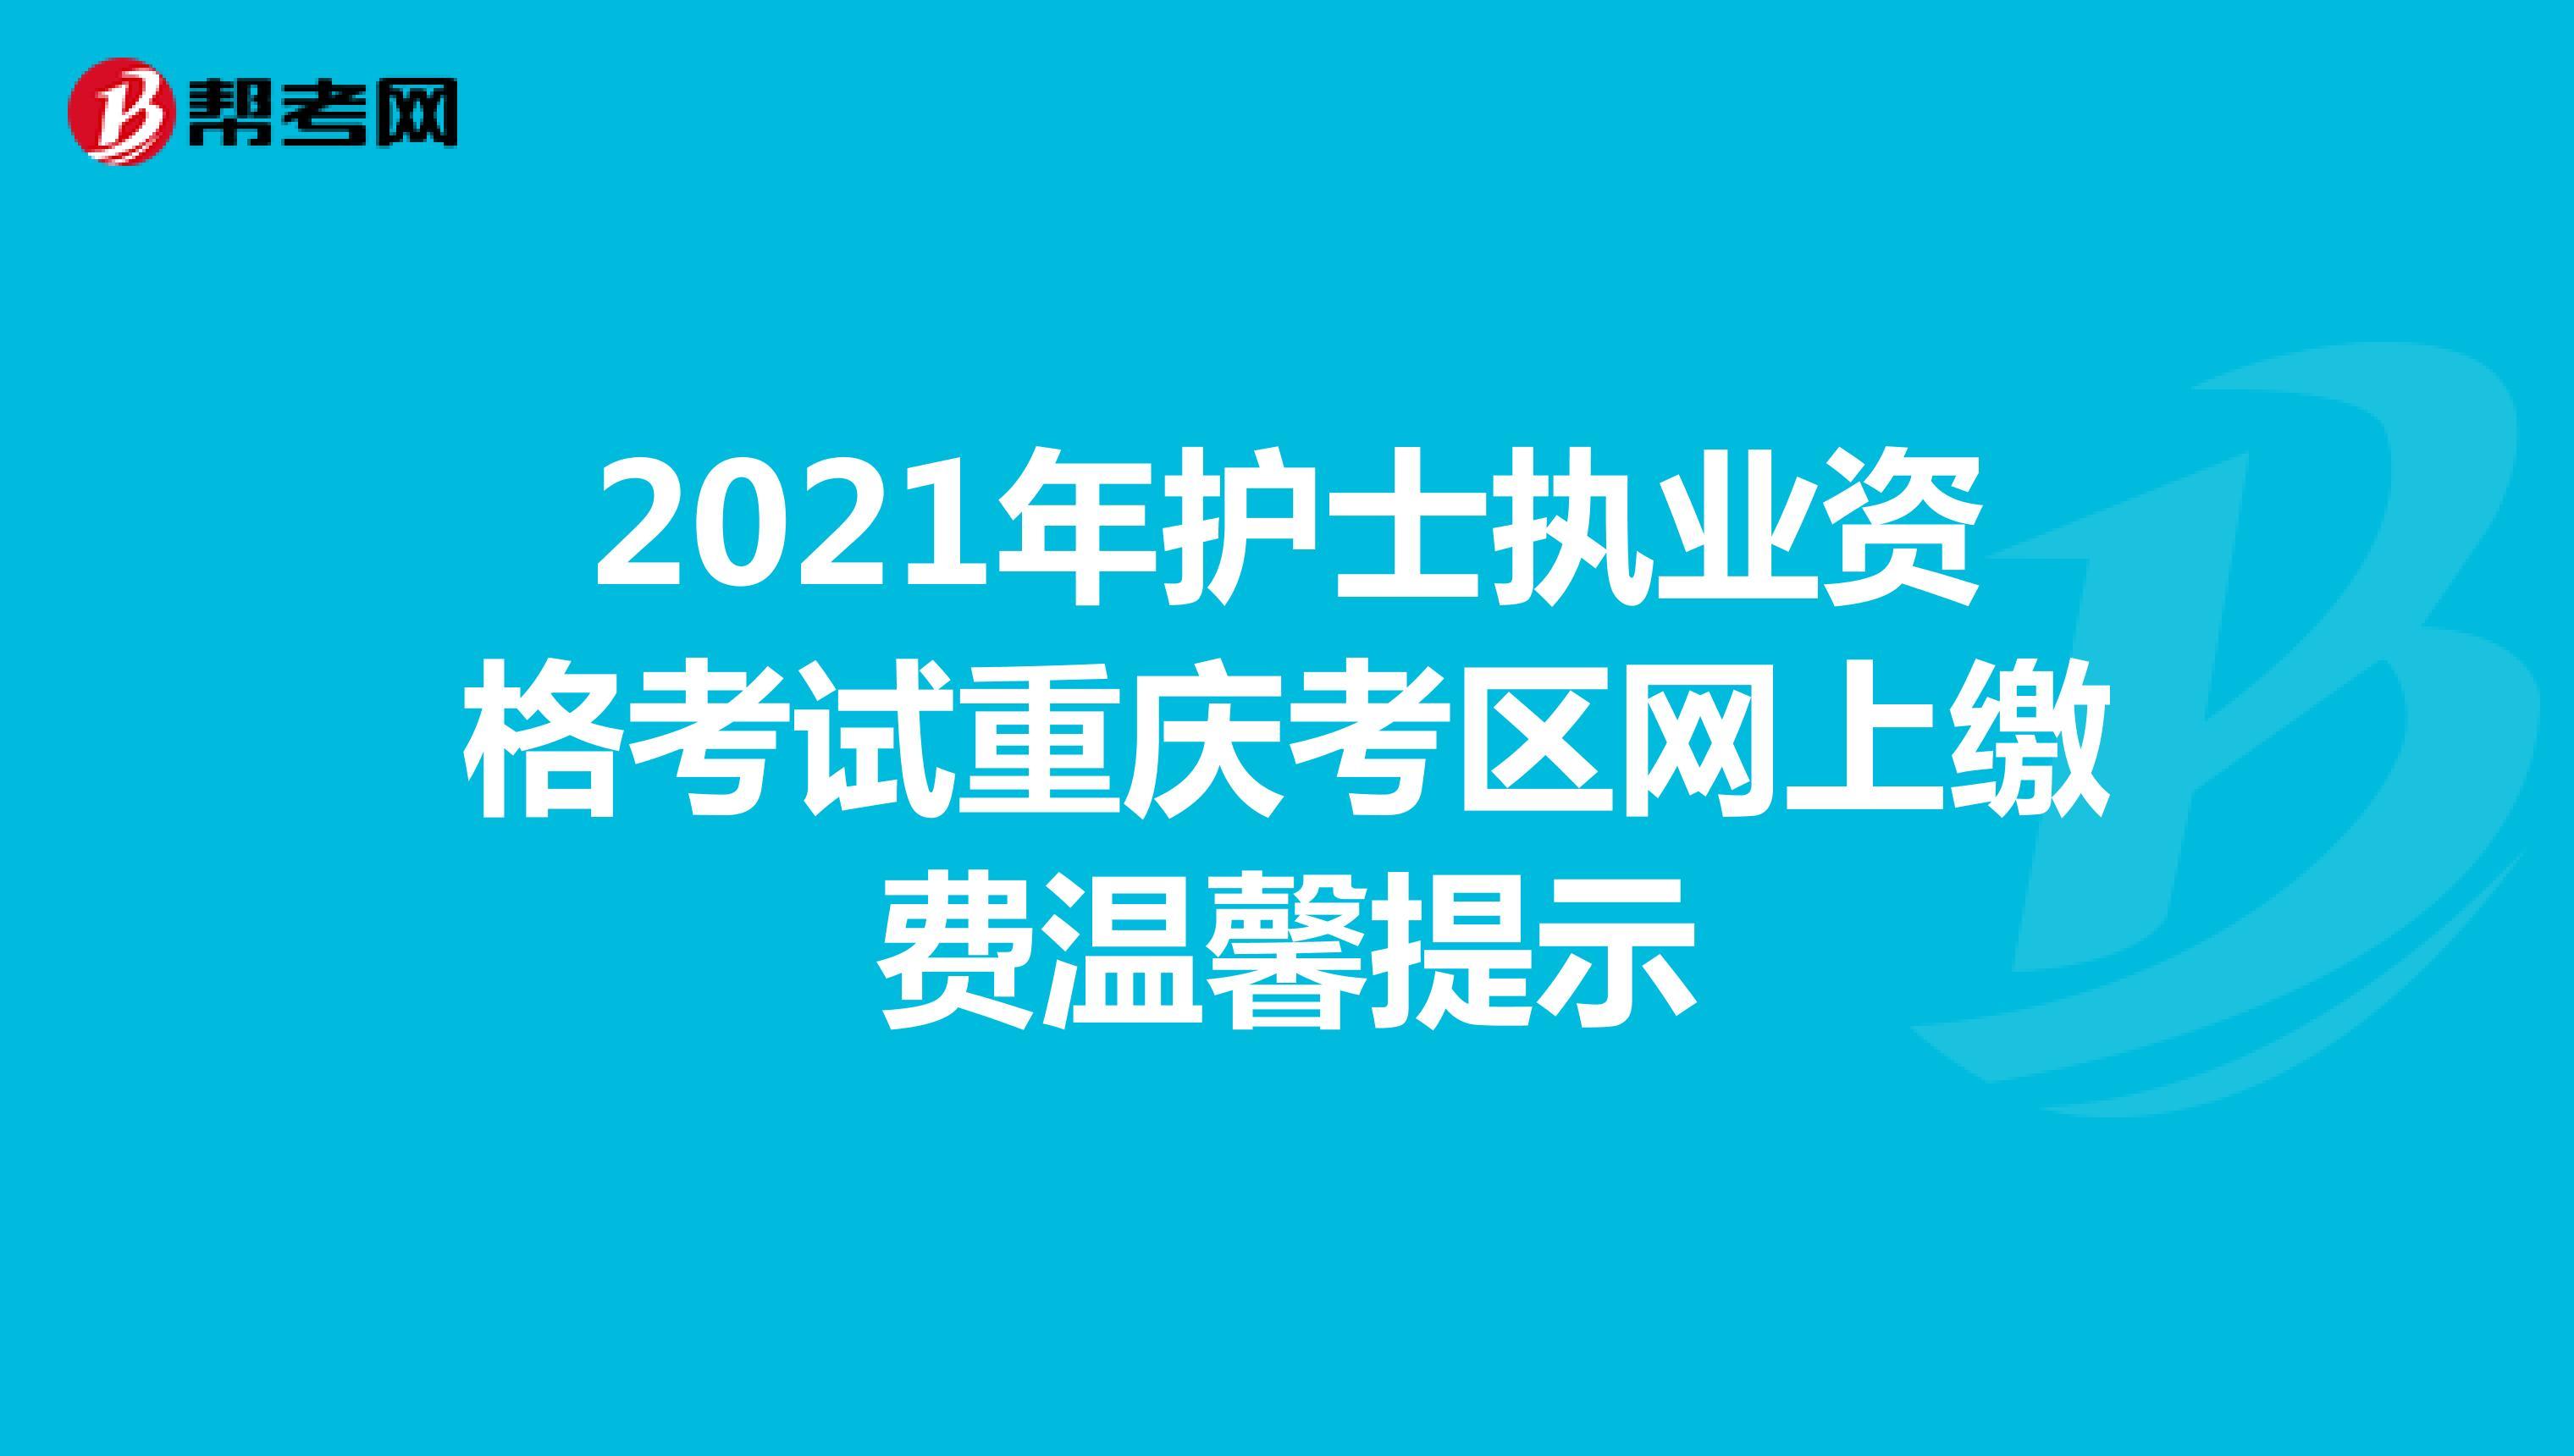 2021年护士执业资格考试重庆考区网上缴费温馨提示